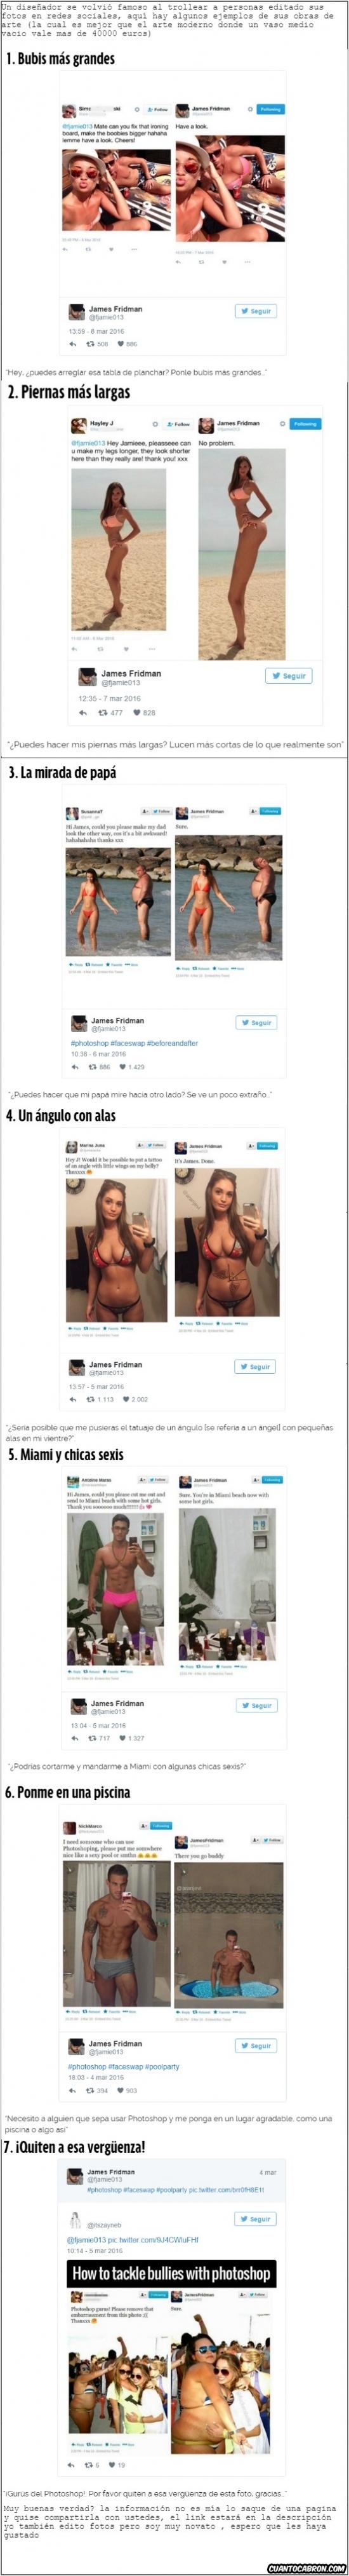 Trollface - Diseñador troll con fotos de gente